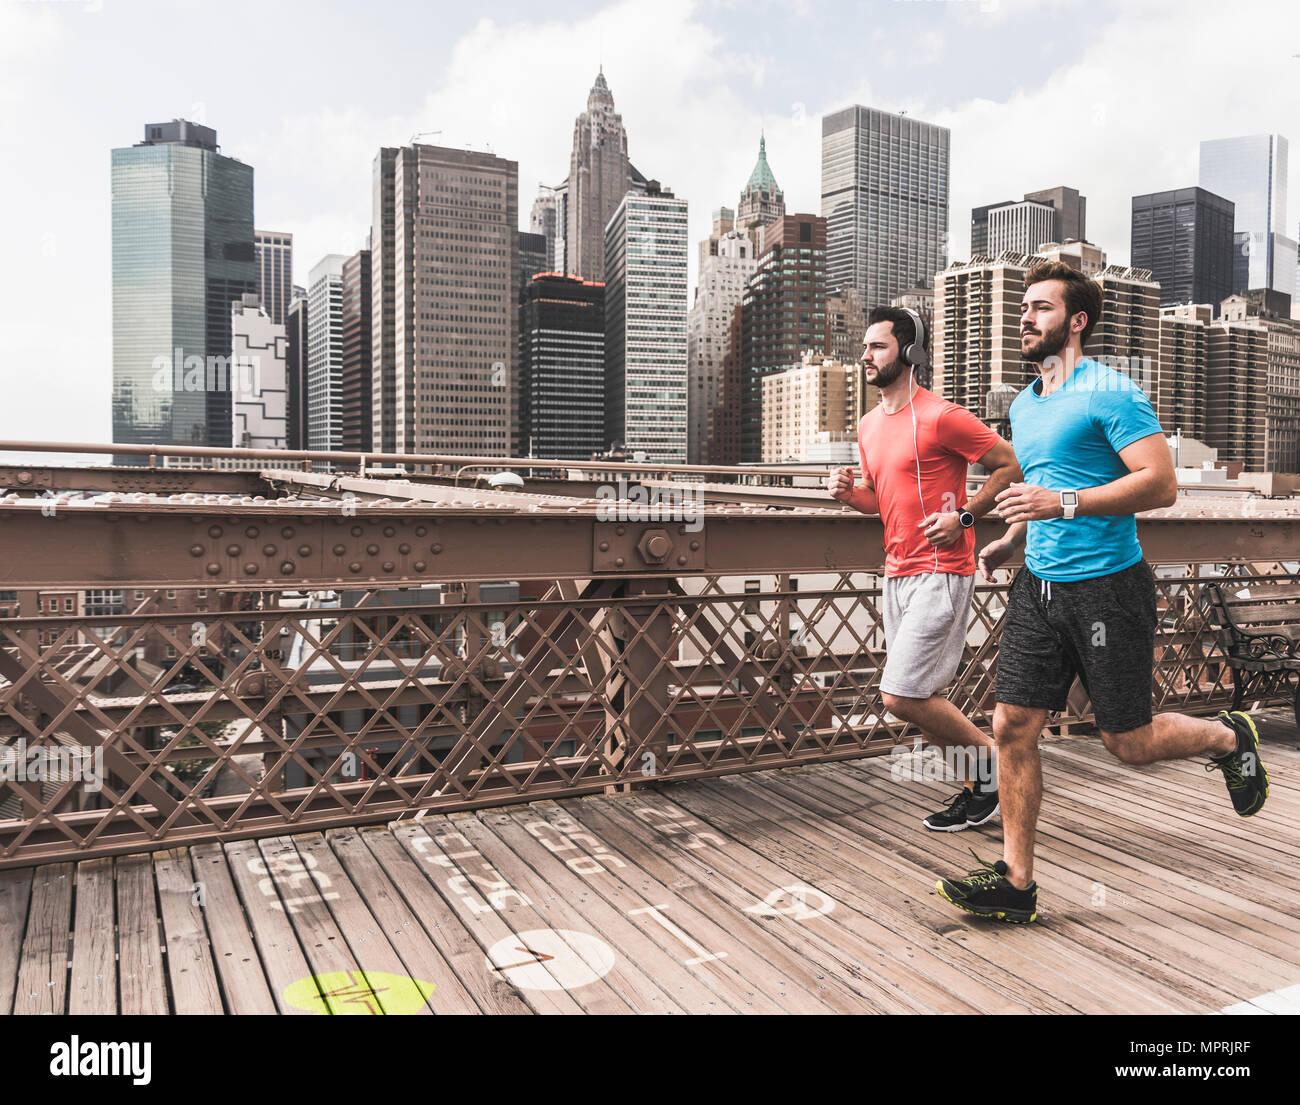 Ee.Uu., la ciudad de Nueva York, dos hombres corriendo sobre el puente de Brooklyn con datos sobre el suelo Imagen De Stock